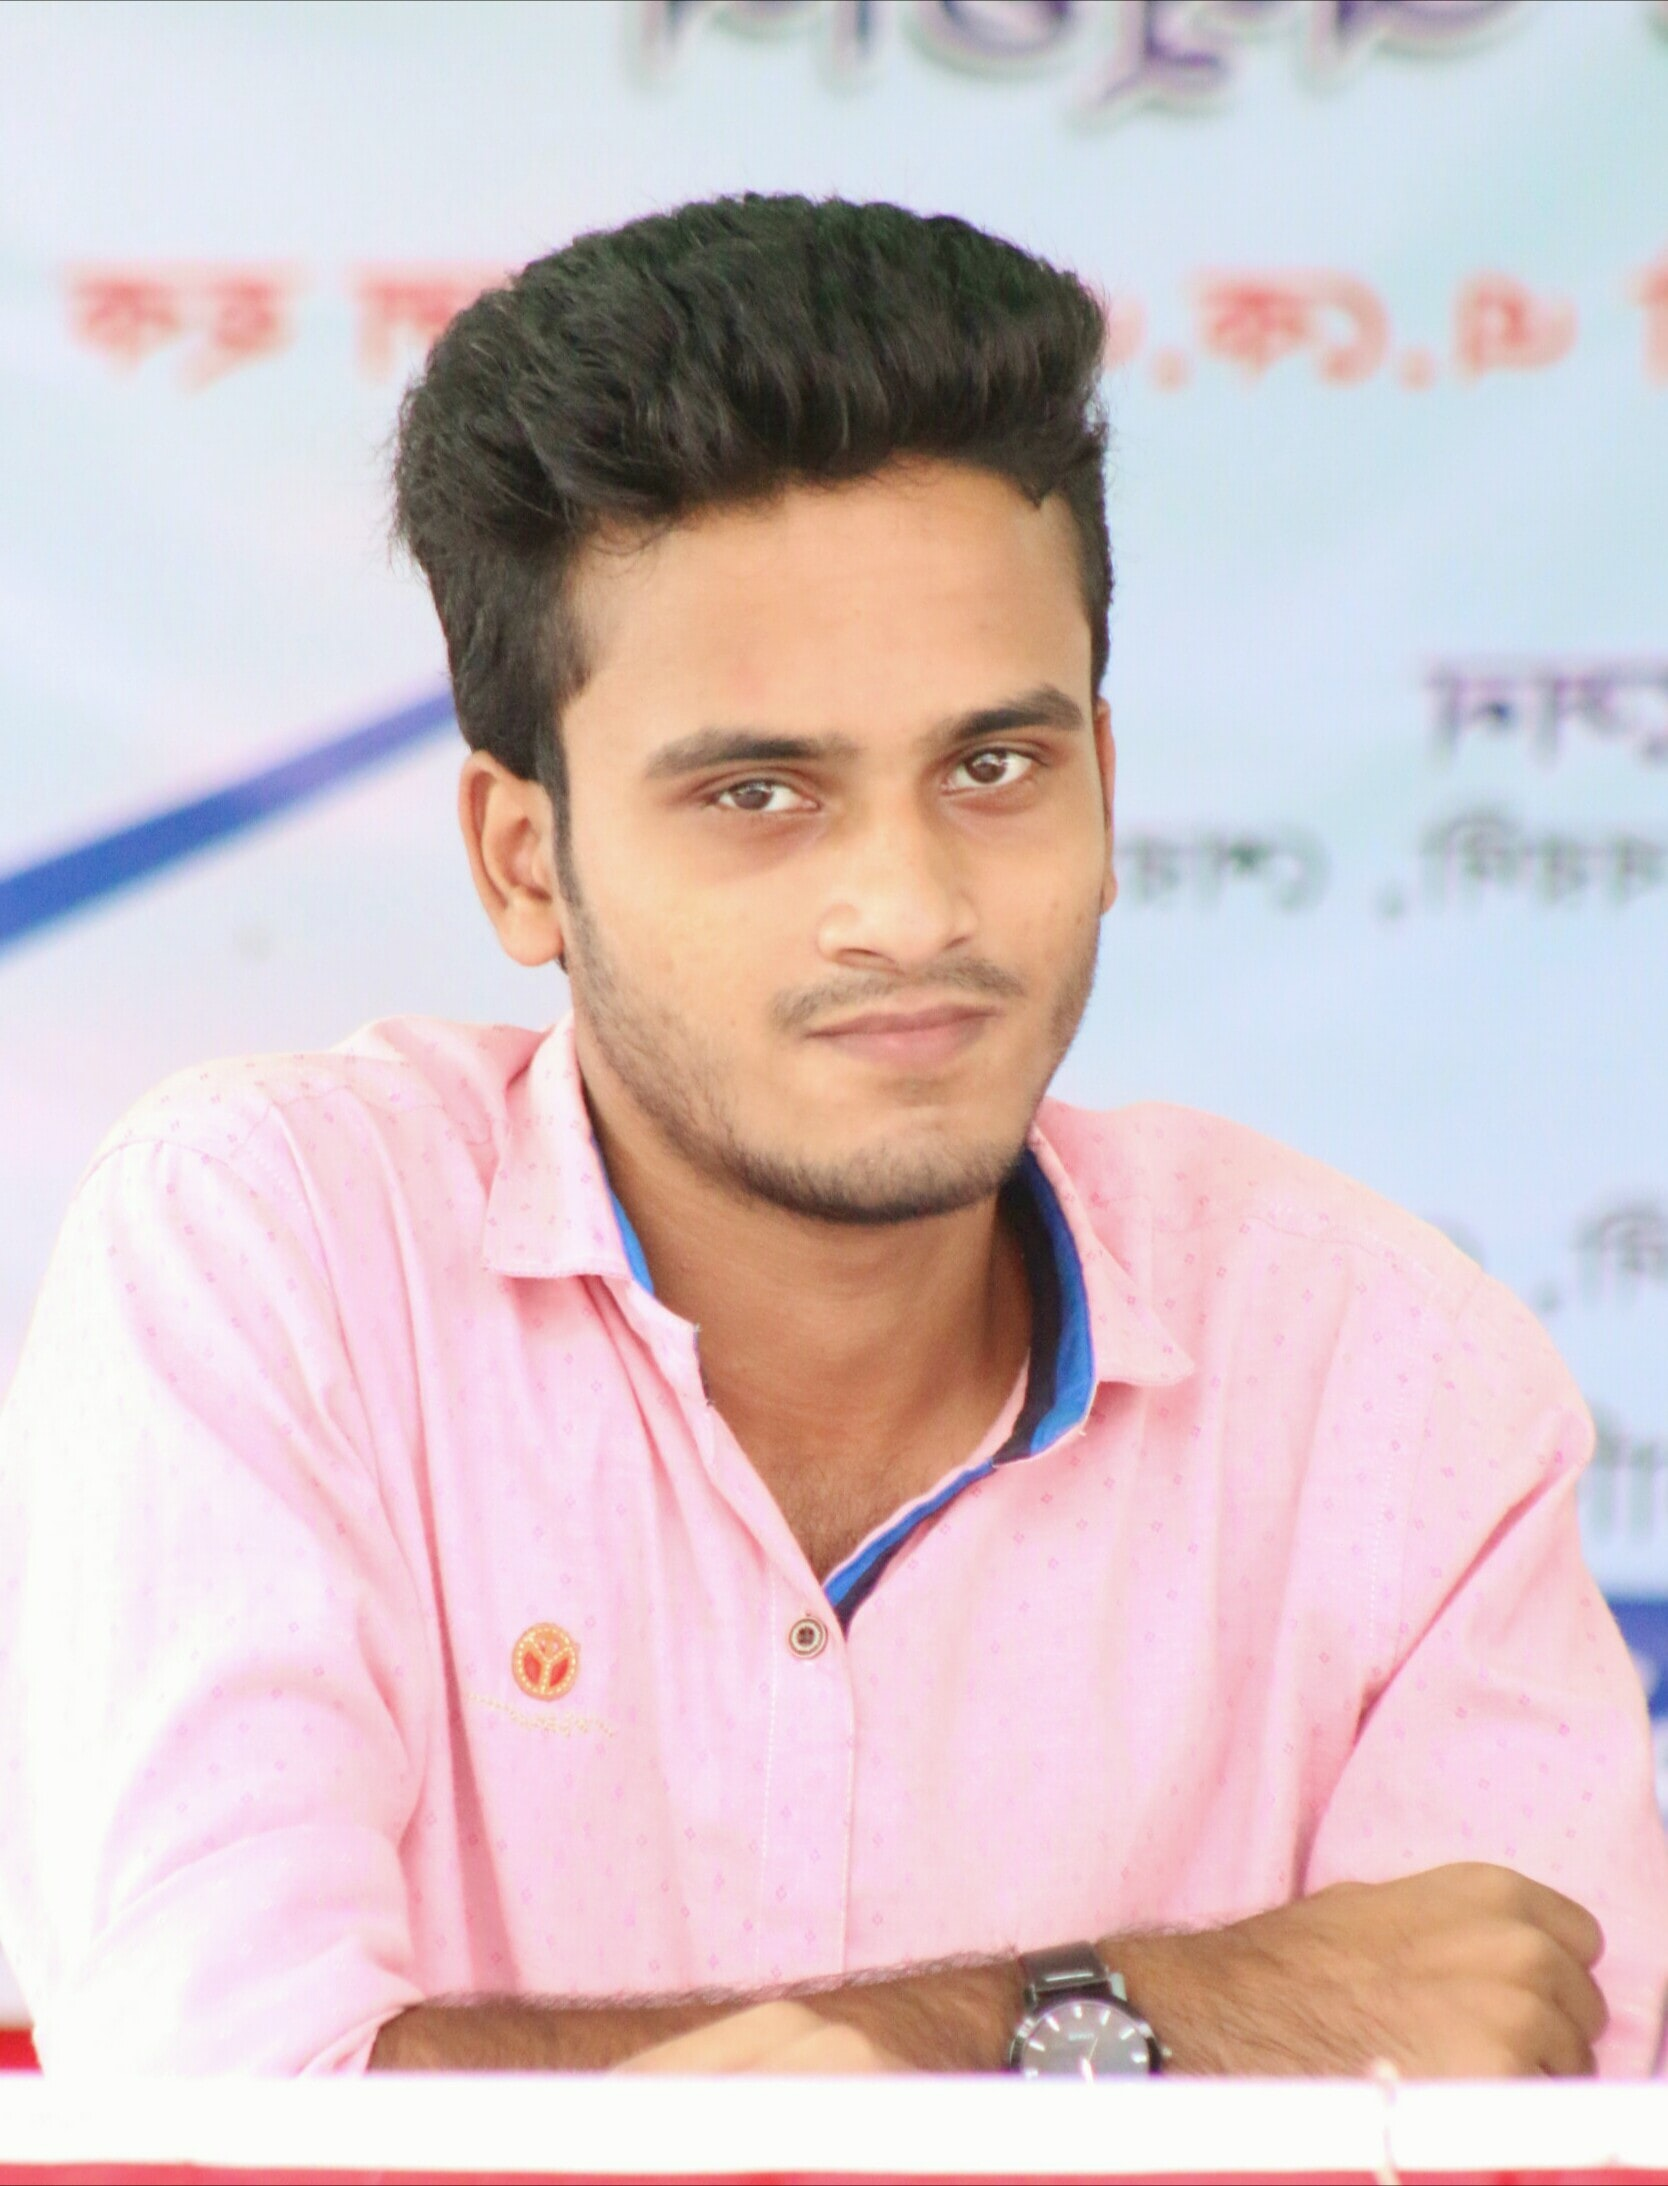 Fahim Hasan